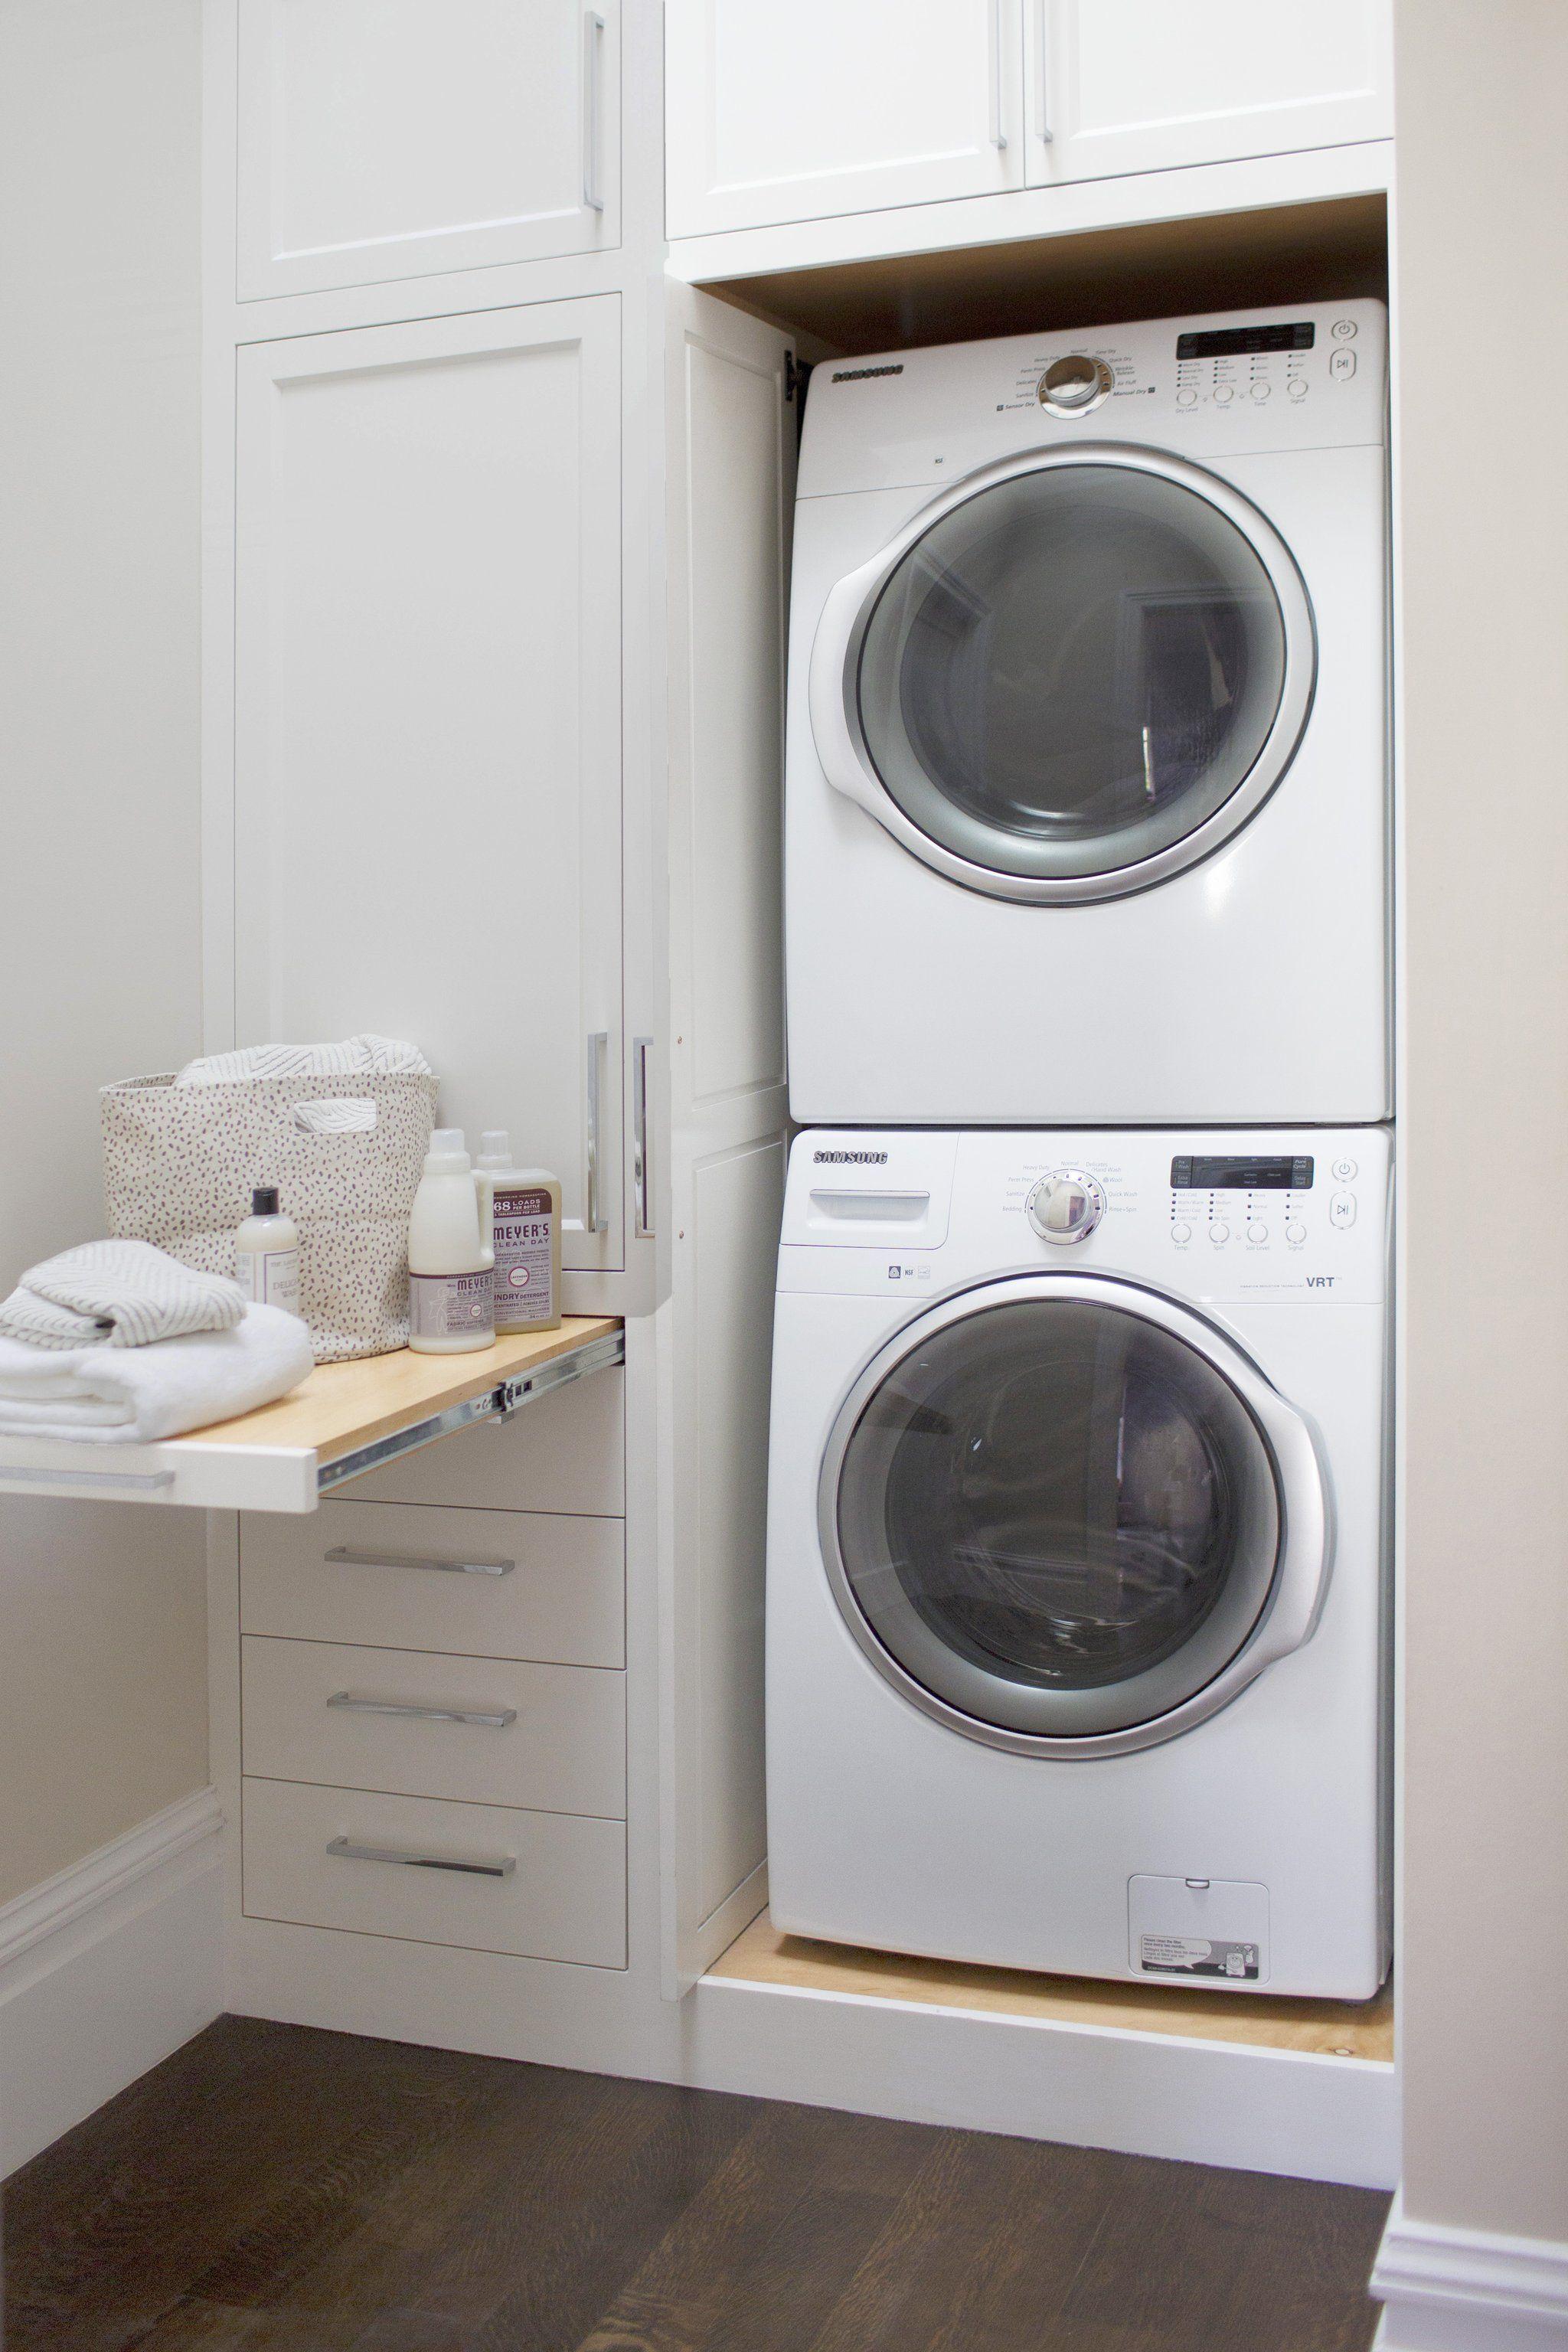 a1d391cf24766ee2153819109f4e95b6 - How To Get Lint Off Clothes With A Dryer Sheet